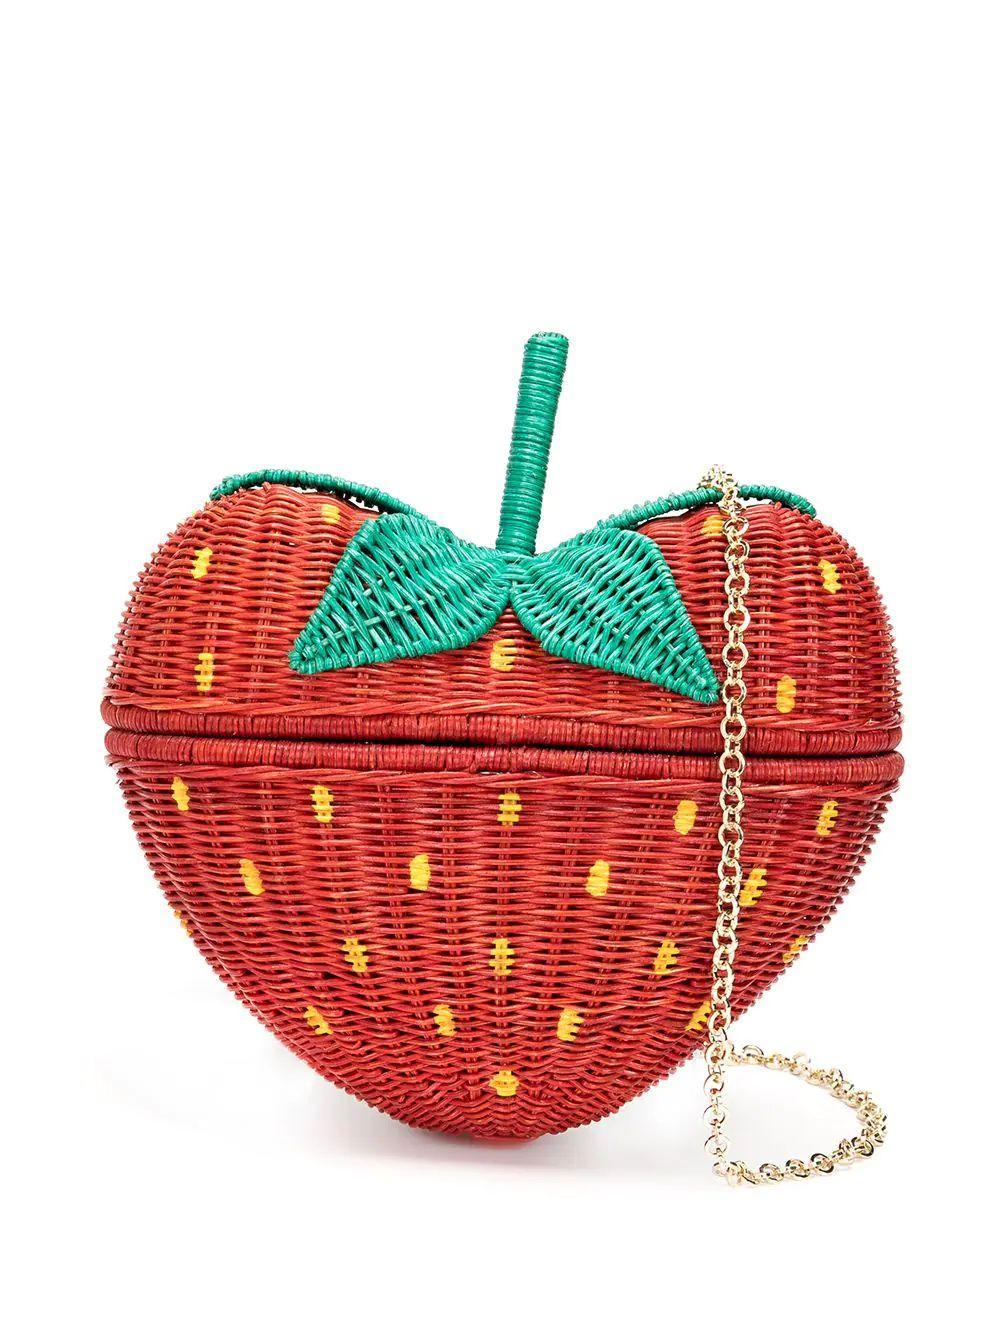 Strawberry Clutch Item # 10368